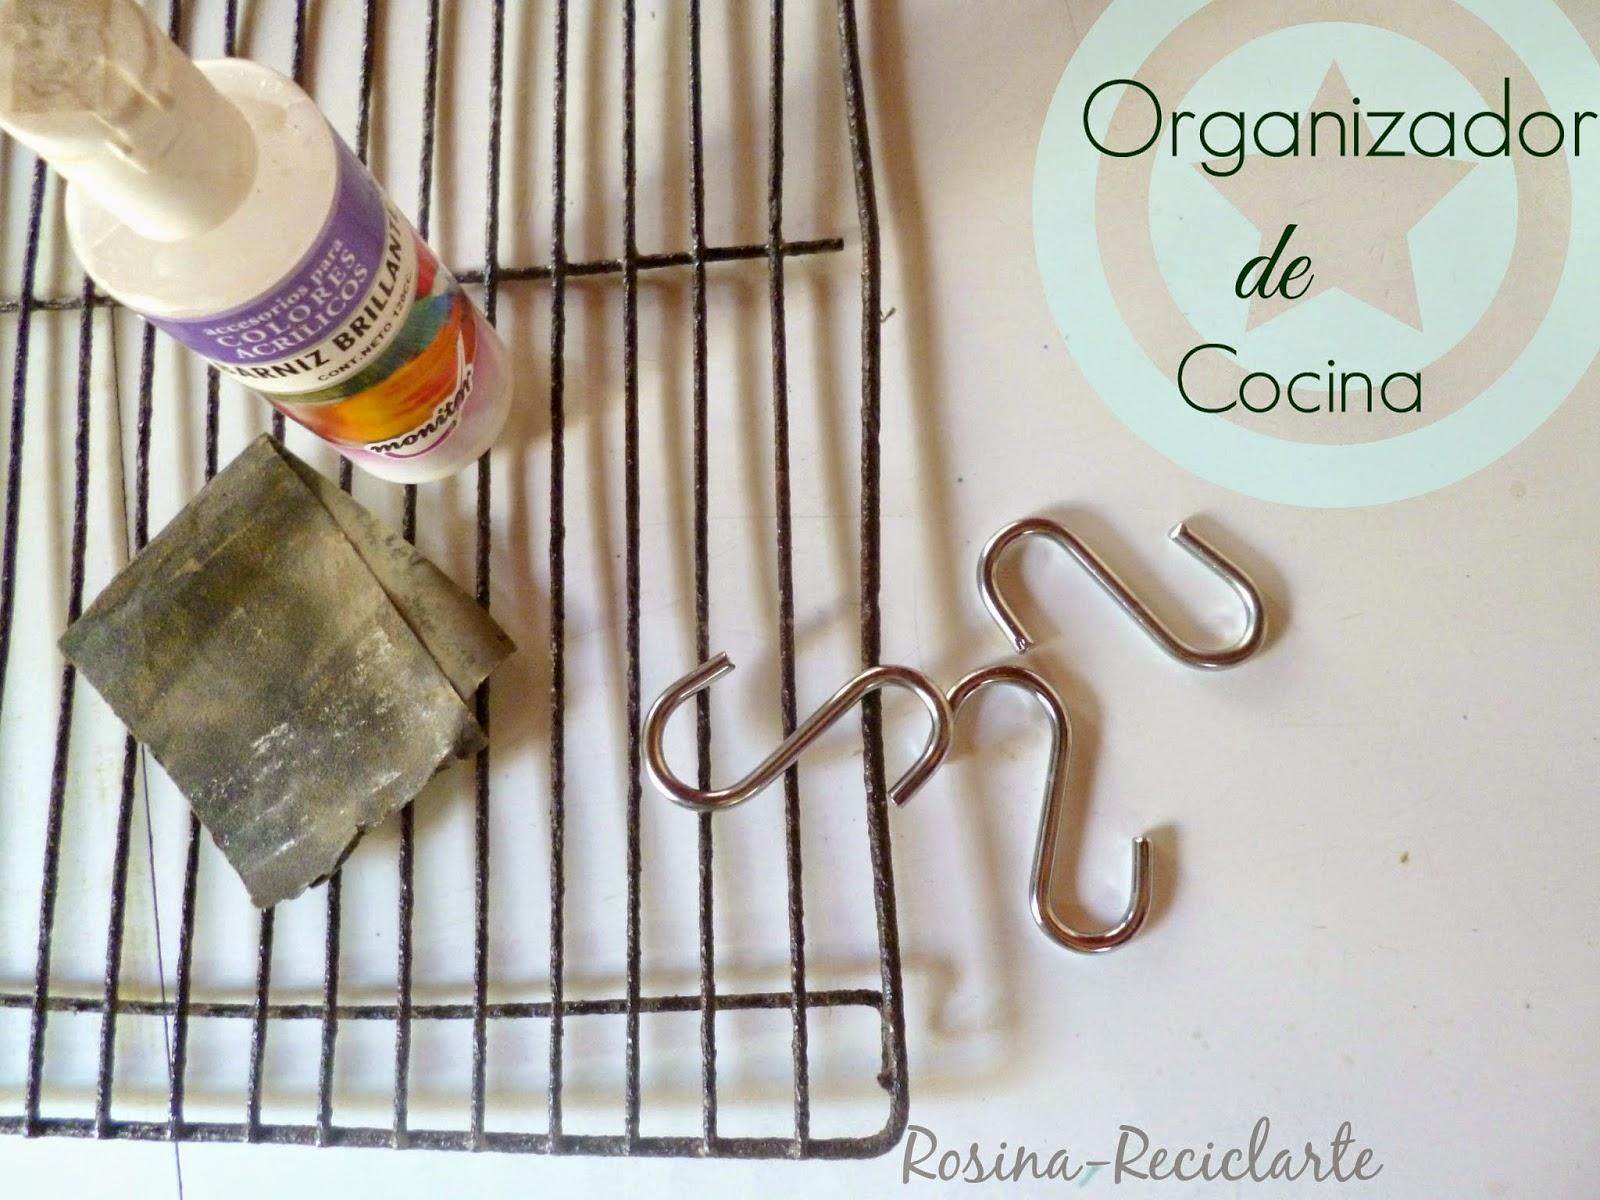 Reciclarte organizador express for Porta cucharas cocina